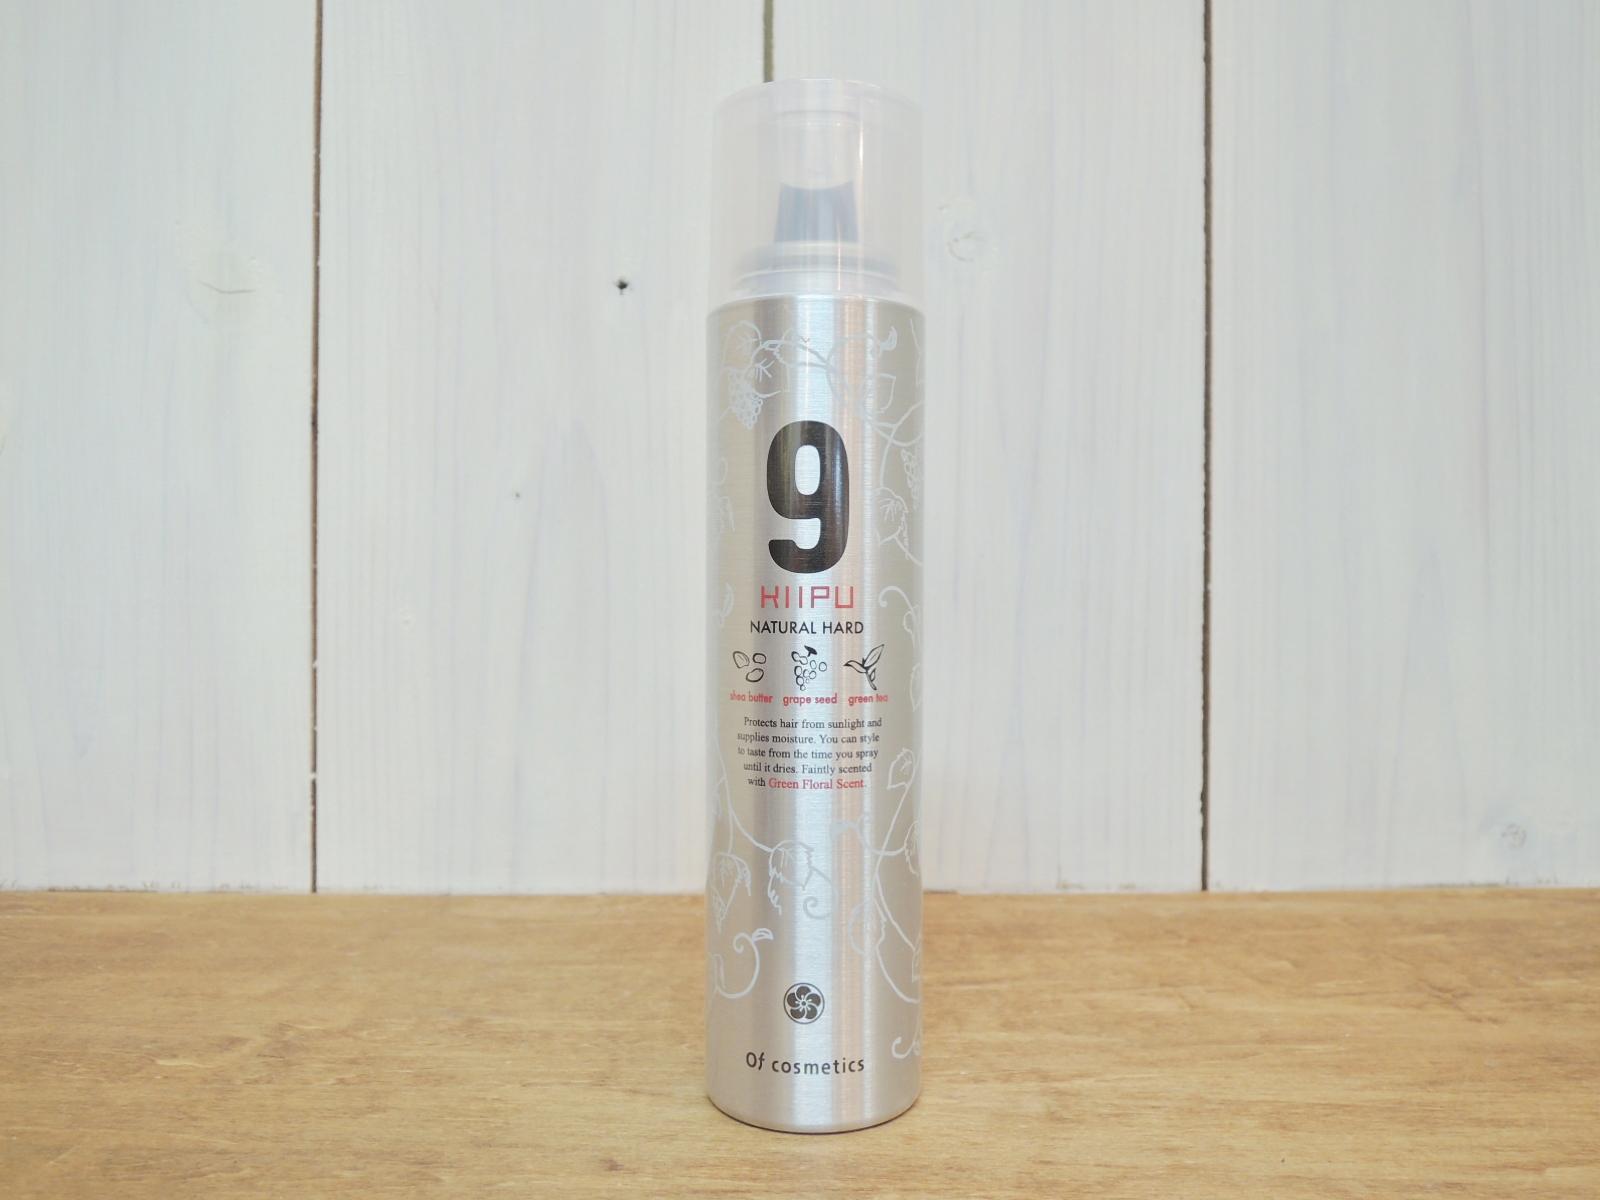 DSCN5986